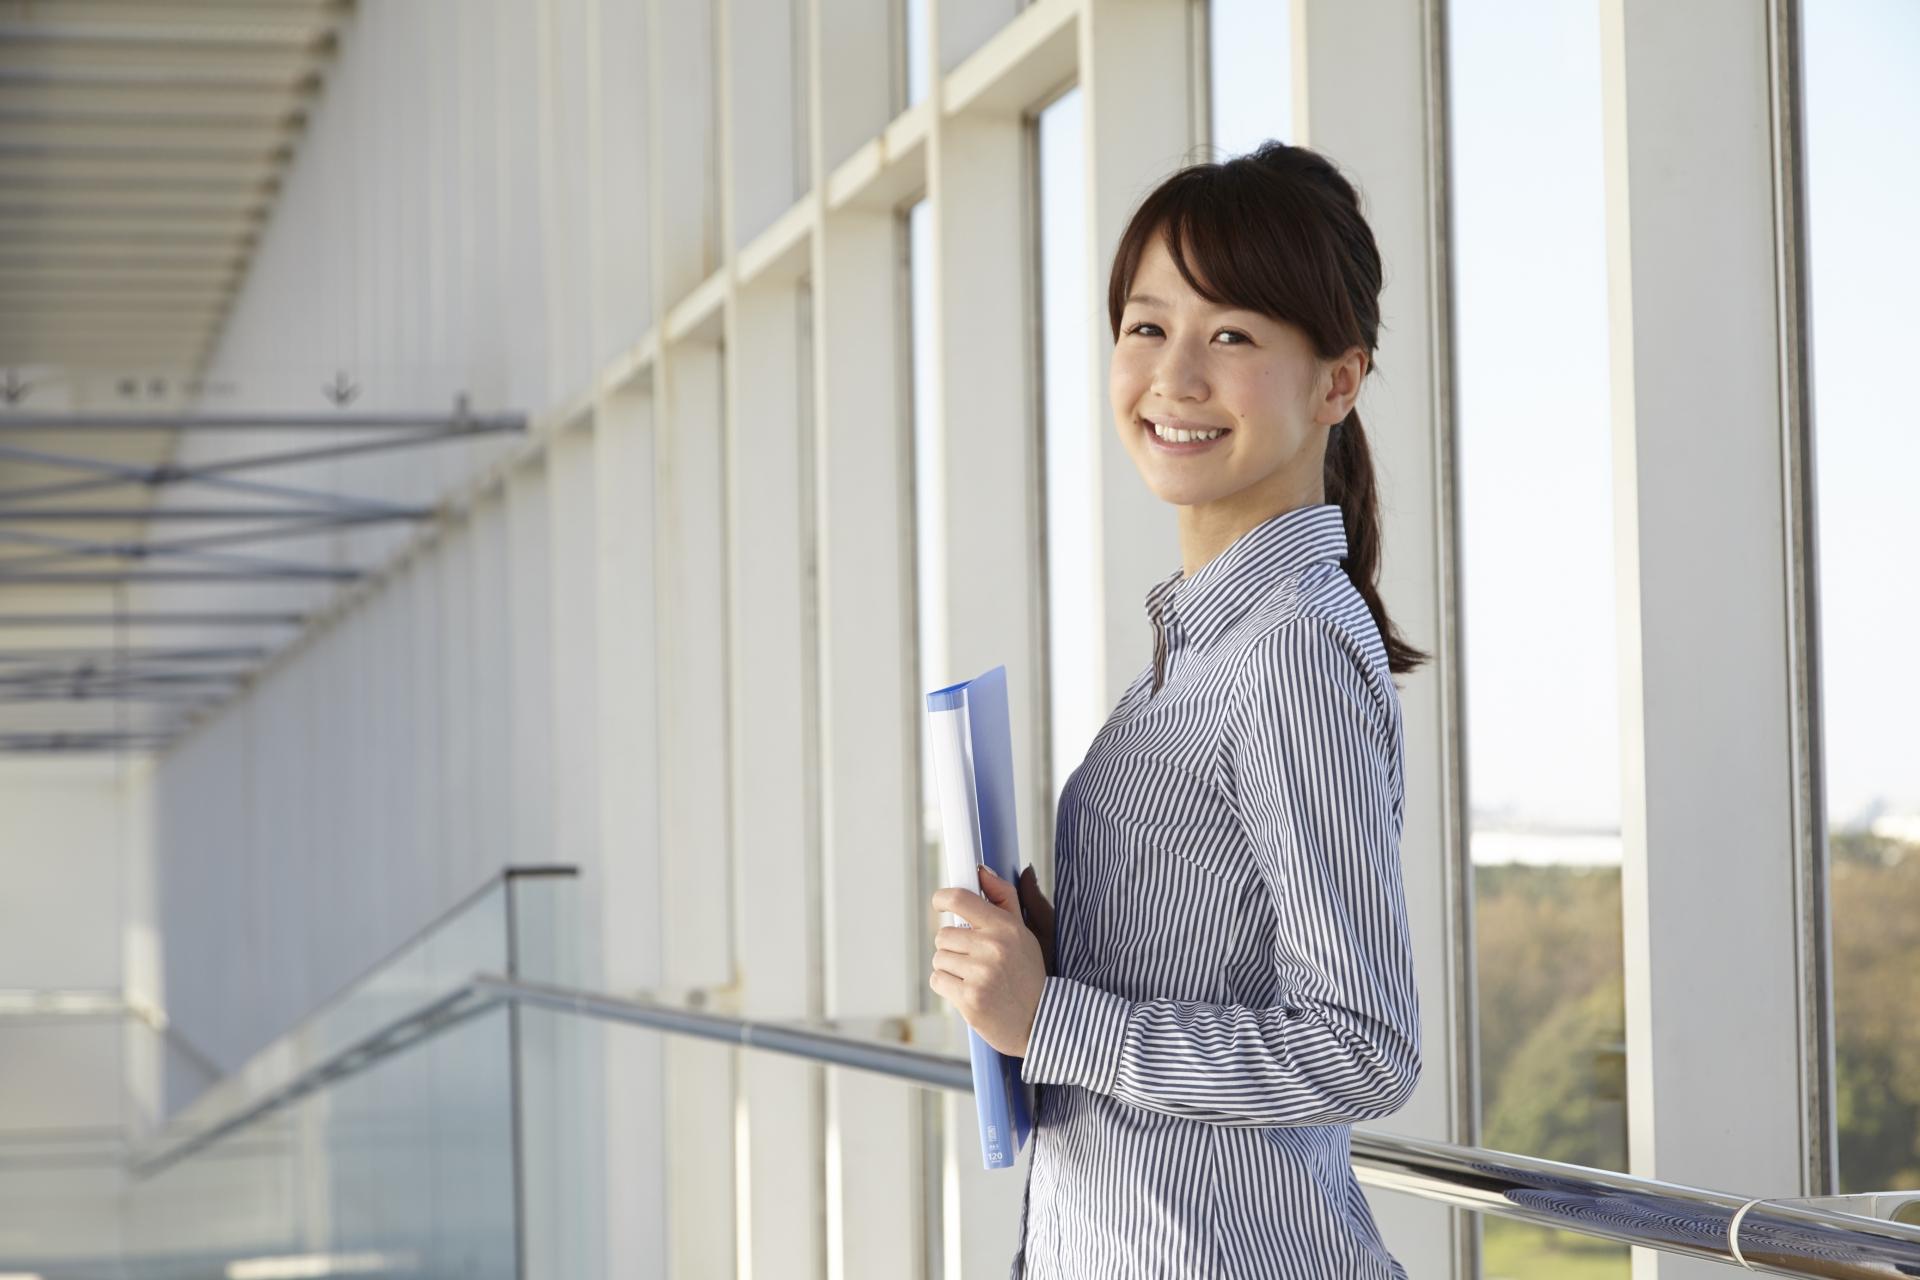 転職初日の服装の選び方。好印象なオフィスカジュアルのポイントとは?